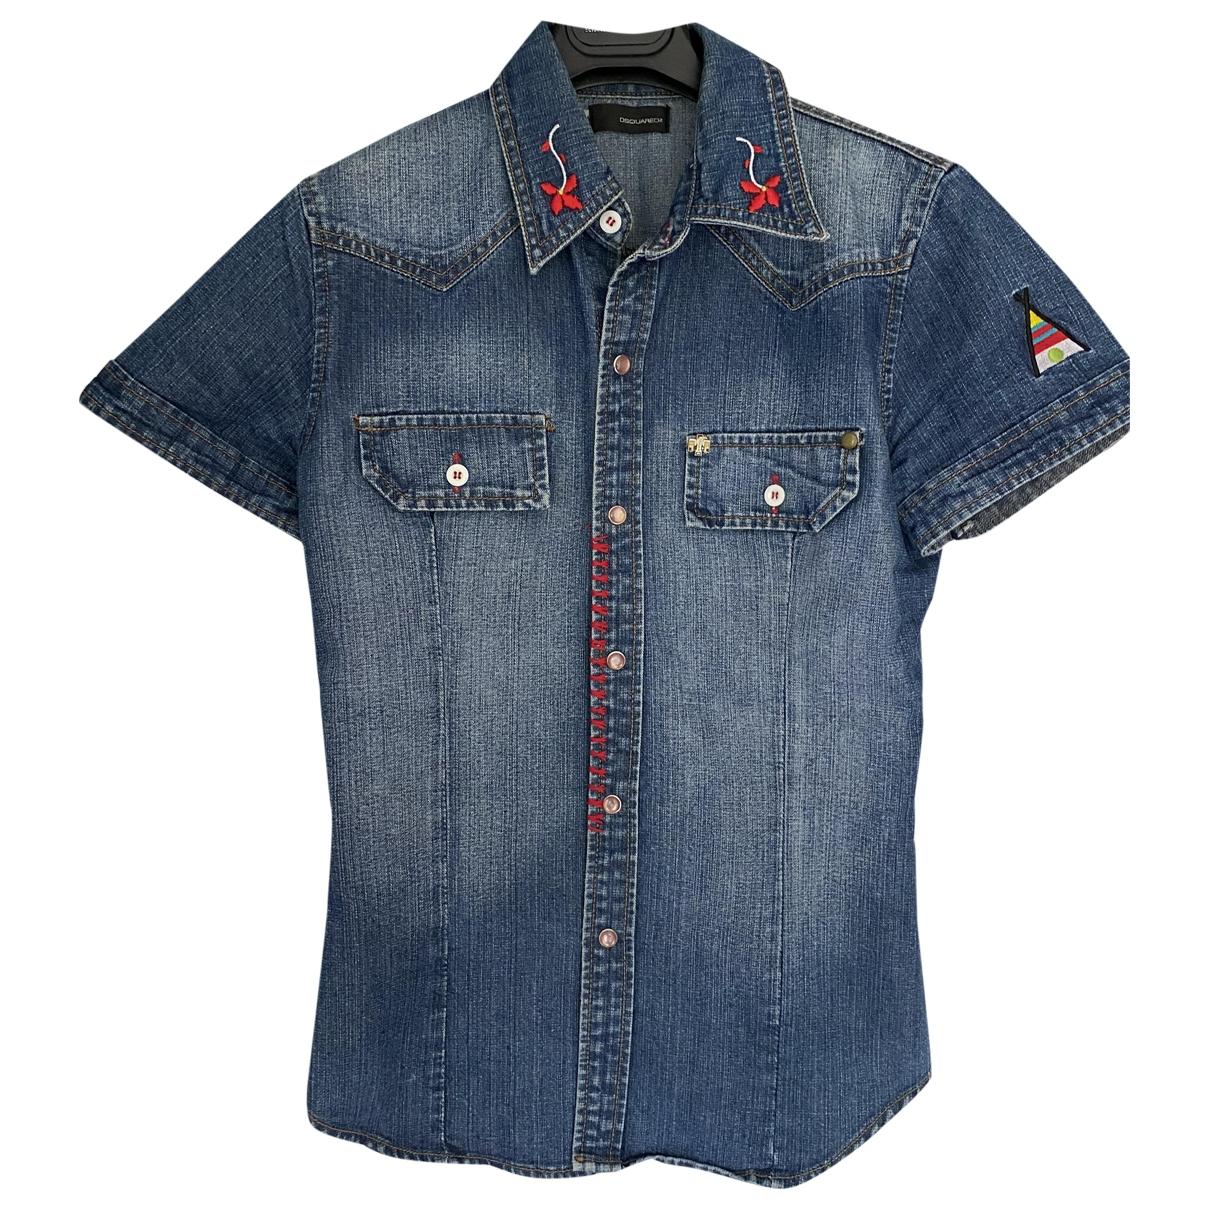 Dsquared2 \N Top in  Blau Denim - Jeans